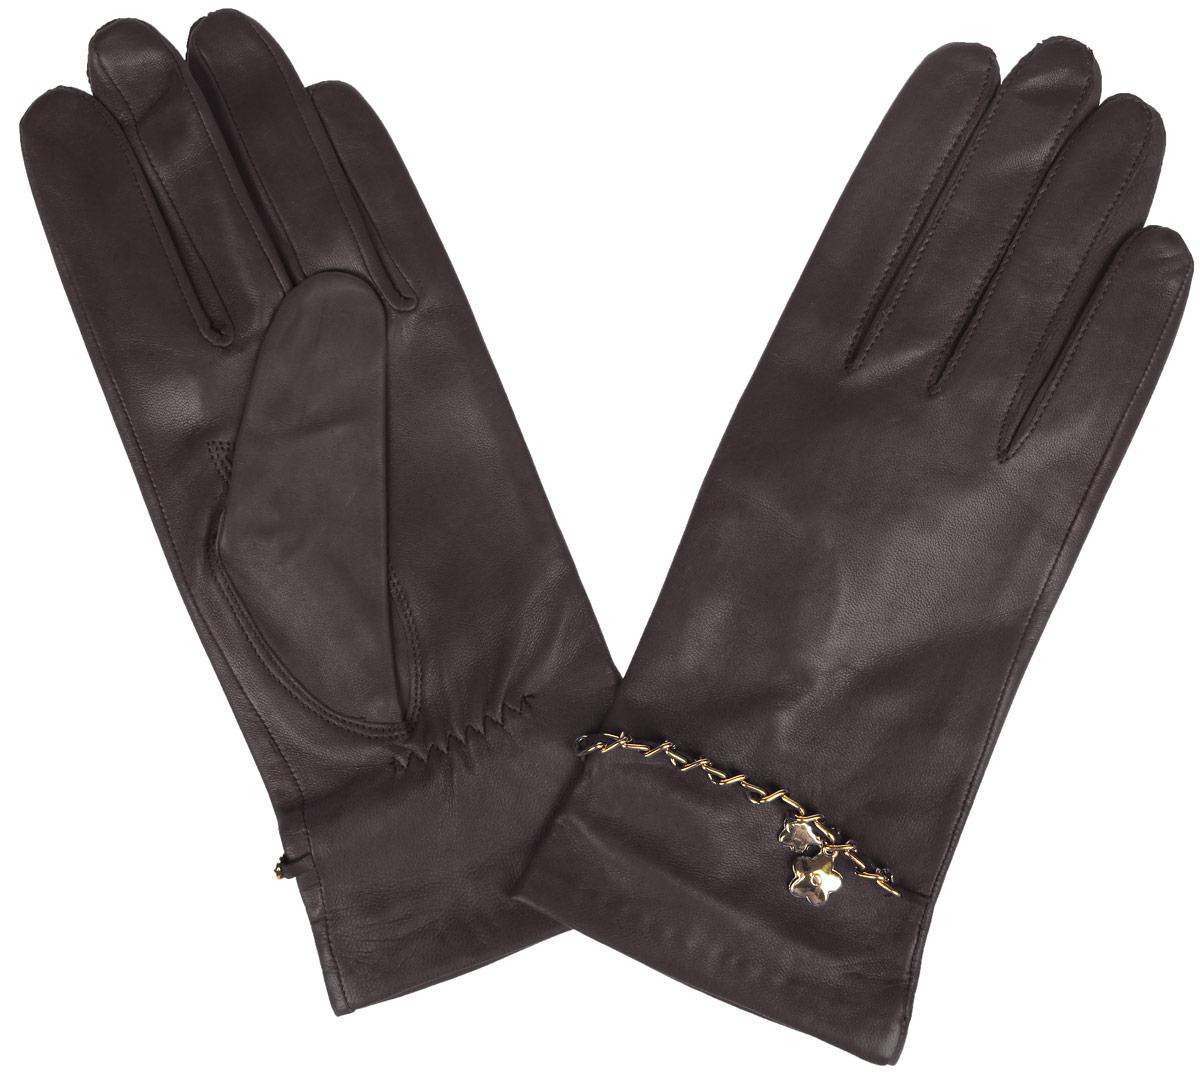 Перчатки женские. HP294HP294Стильные женские перчатки Eleganzza не только защитят ваши руки от холода, но и станут великолепным украшением. Перчатки выполнены из натуральной кожи ягненка на шелковой подкладке. На тыльной стороне имеется небольшая сборка резинкой для того, чтобы перчатки лучше сидели. Оформлено изделие цепочкой, переплетенной с кожаным ремешком и украшенной подвеской в виде цветочков. В настоящее время перчатки являются неотъемлемой принадлежностью одежды, вместе с этим аксессуаром вы обретаете женственность и элегантность. Перчатки станут завершающим и подчеркивающим элементом вашего стиля и неповторимости.